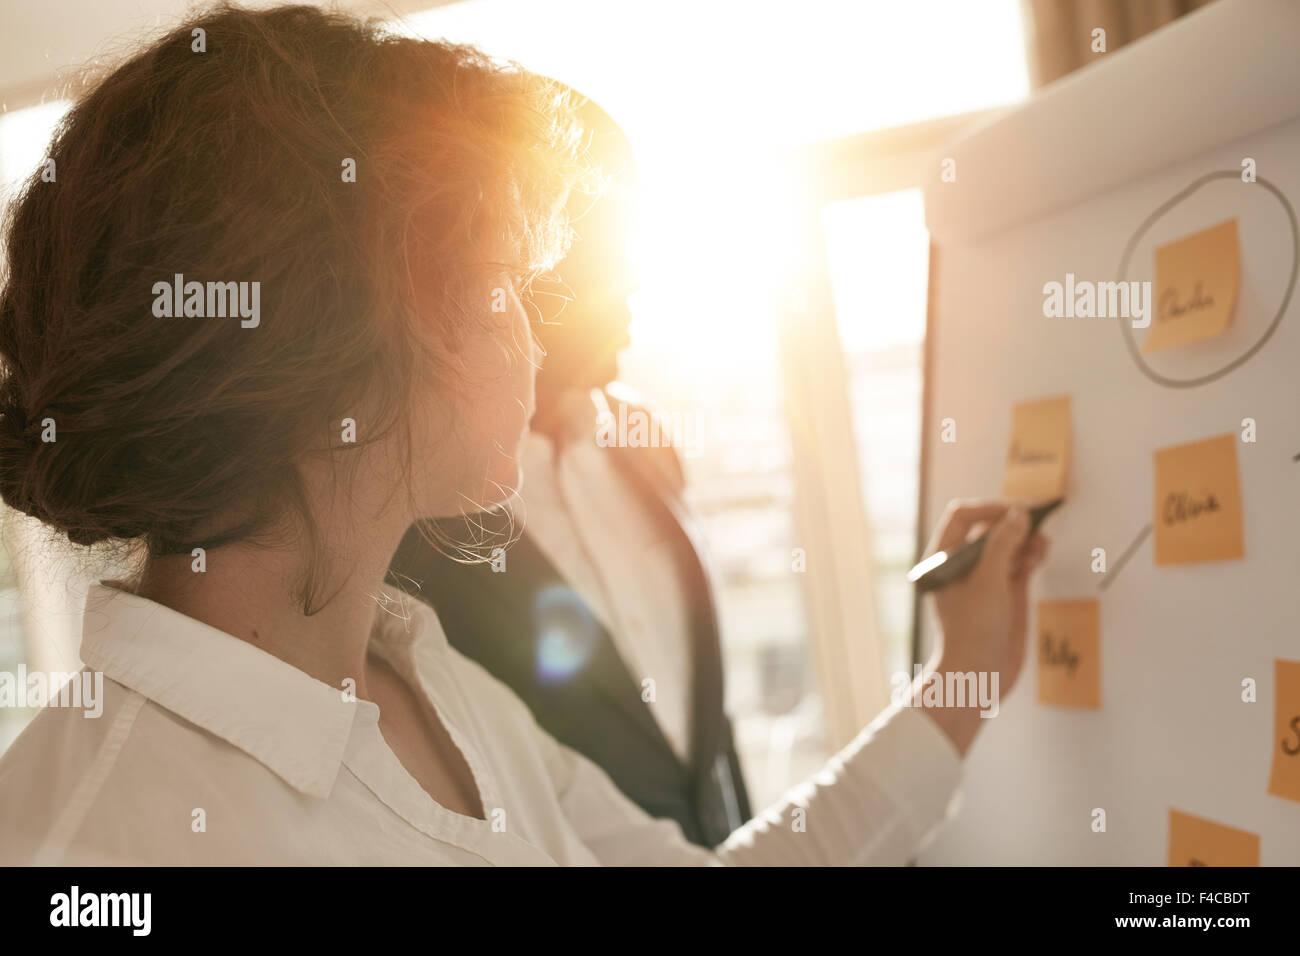 Asociados de negocios poniendo sus ideas en la cartelera durante una presentación en la sala. Dos compañeros Imagen De Stock